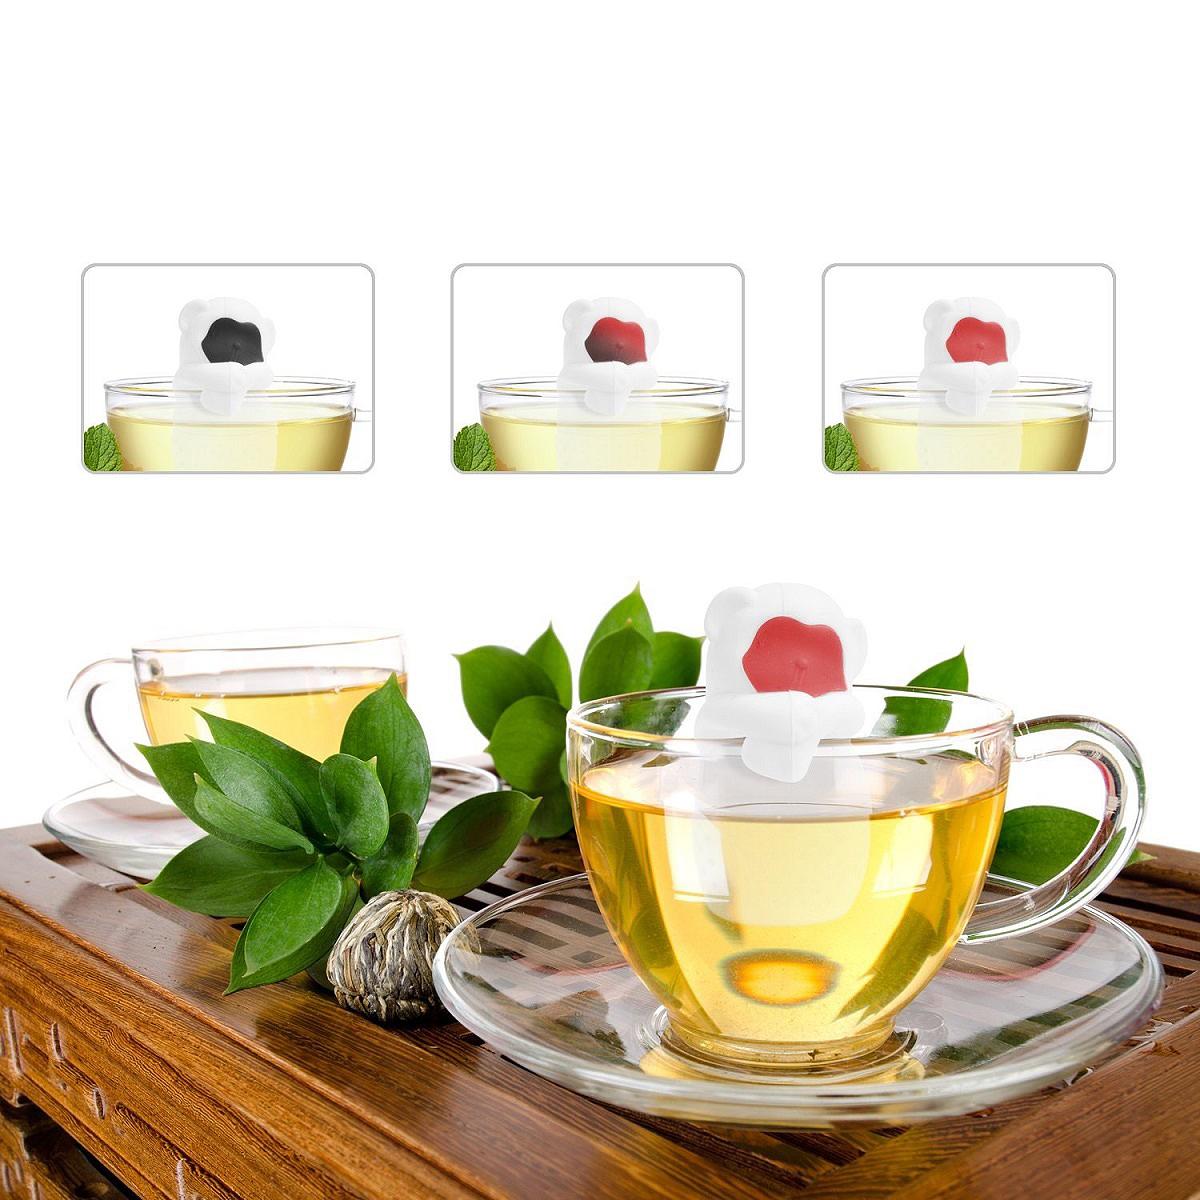 Ситечко для чая Fidget Go Обезьянка, с подставкой, цвет: белый, черный, 2 предмета